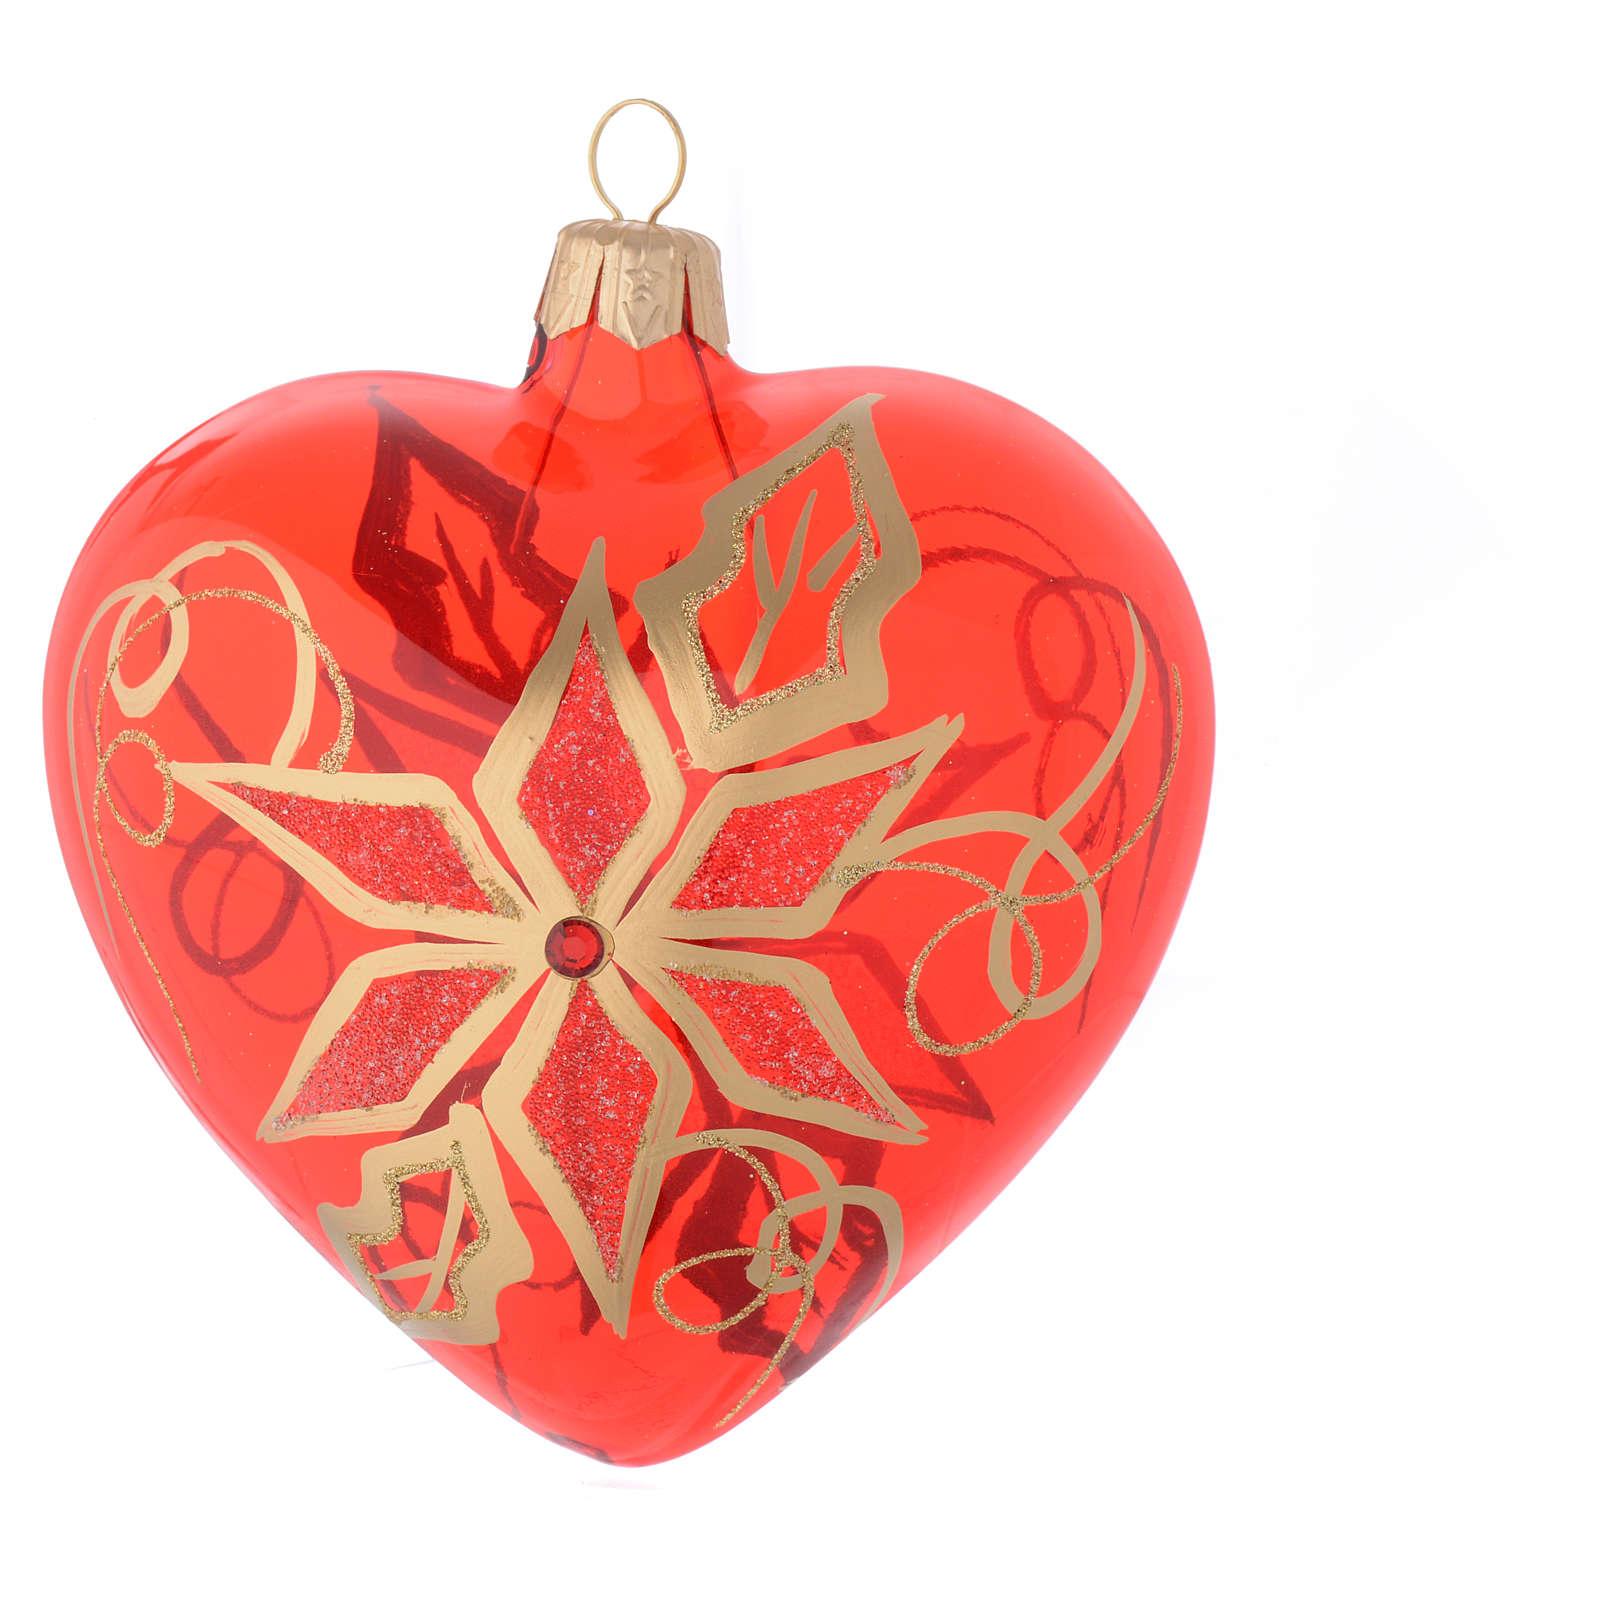 Bola de Navidad corazón de vidrio soplado rojo con decoración flor de Navidad 100 mm 4